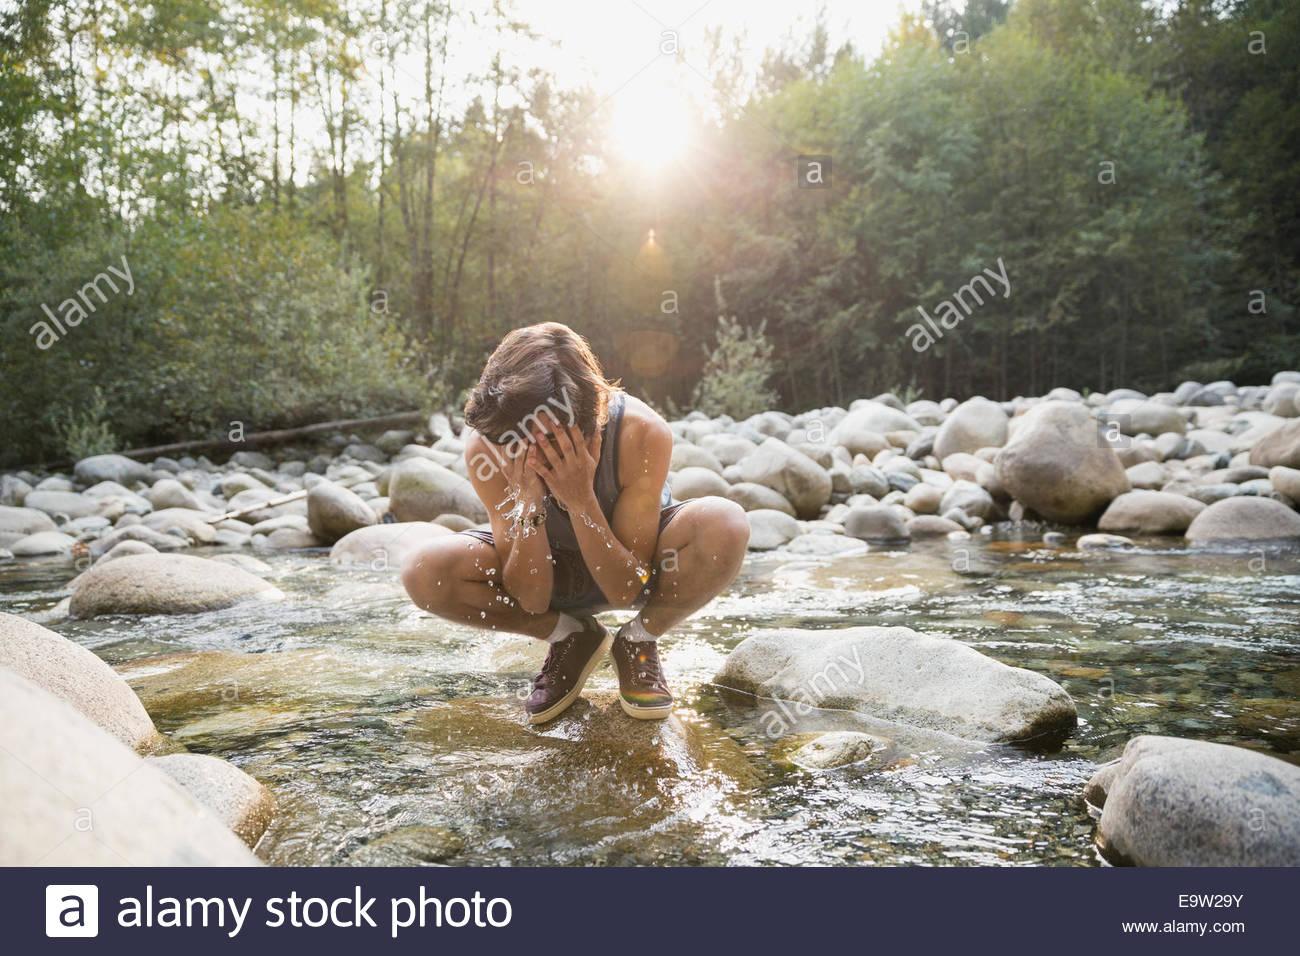 Teenager Spritzwasser auf Gesicht in Bach Stockbild